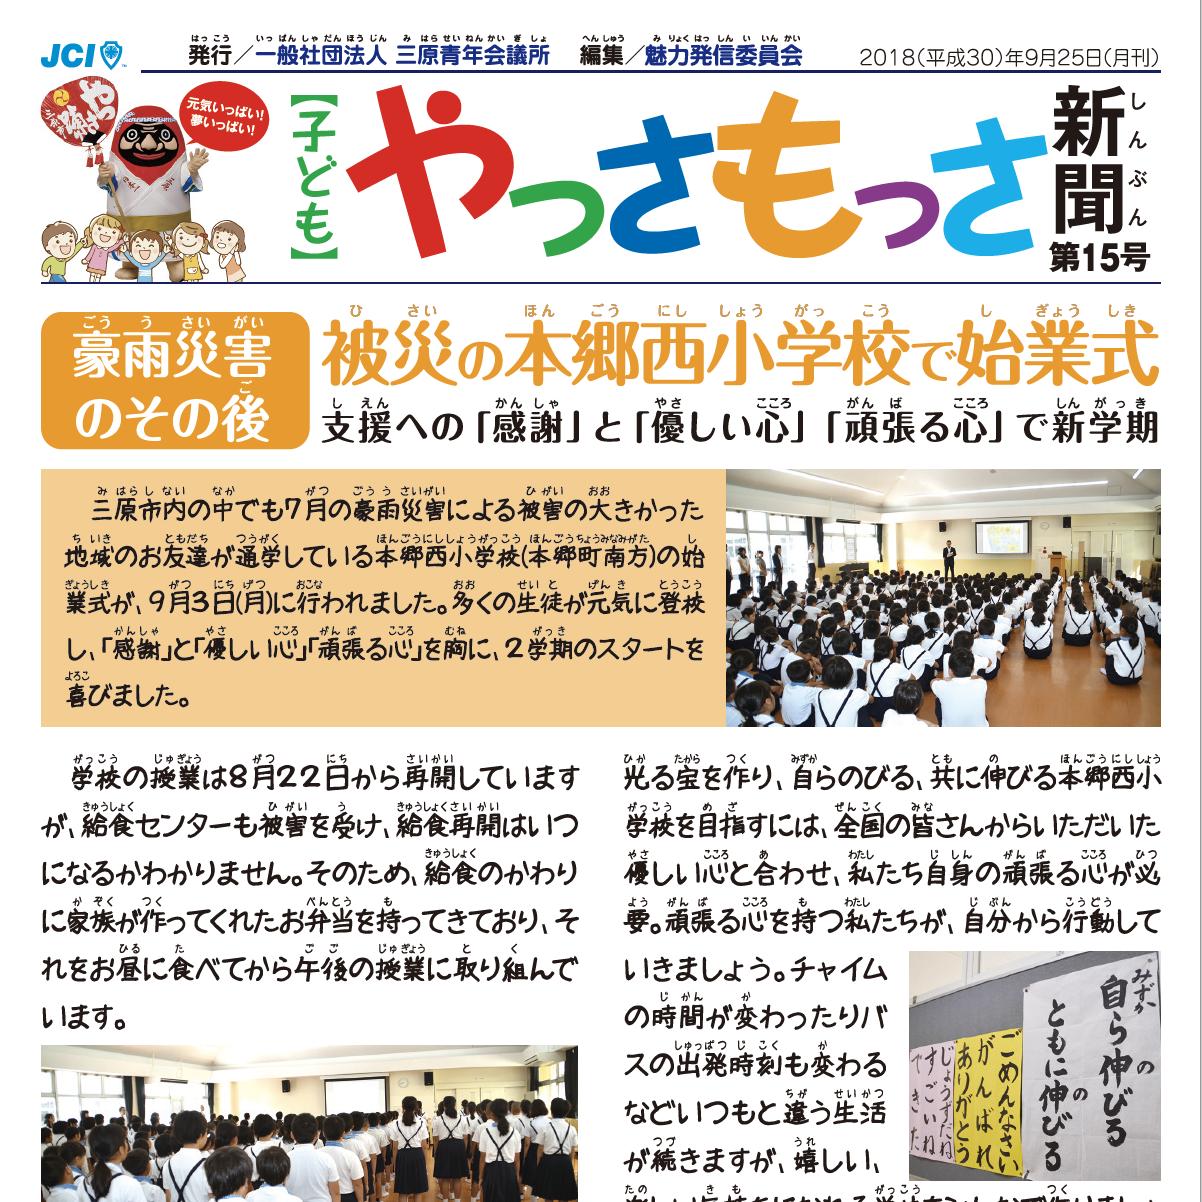 三原青年会議所新聞 子どもやっさもっさ新聞(第15号)のご案内